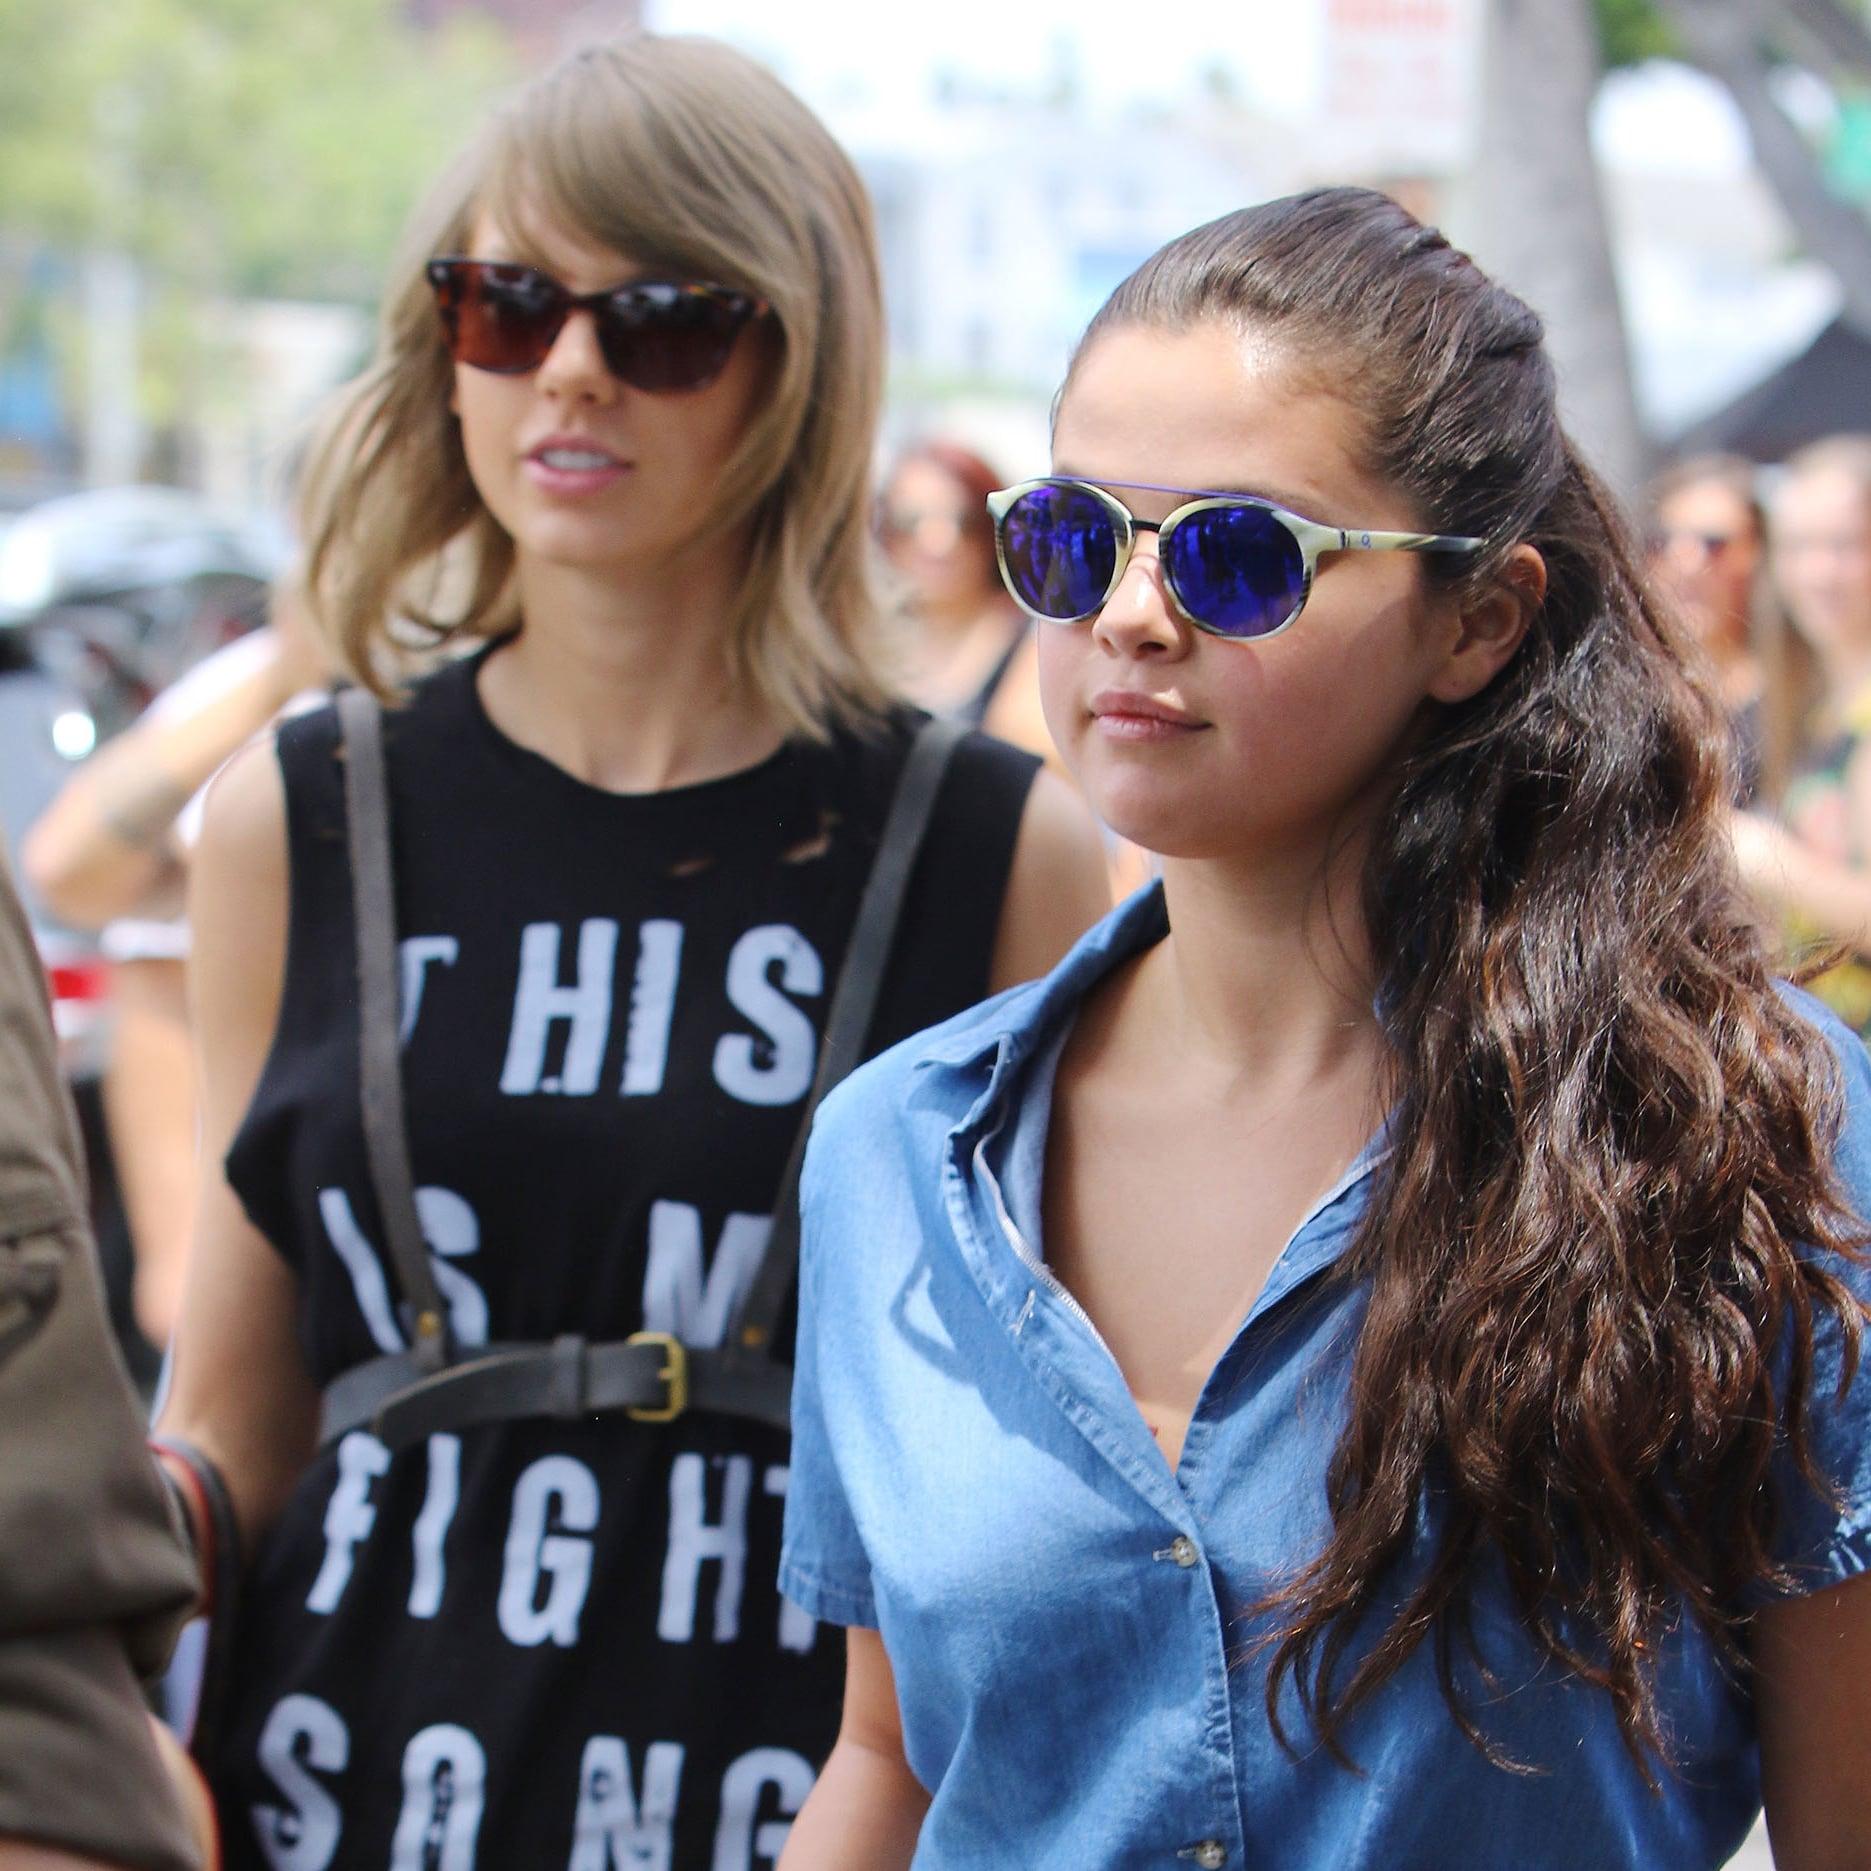 Taylor Swift and Selena Gomez at Lunch in LA June 2015 | POPSUGAR Celebrity  sc 1 st  PopSugar & Taylor Swift and Selena Gomez at Lunch in LA June 2015 | POPSUGAR ... Aboutintivar.Com